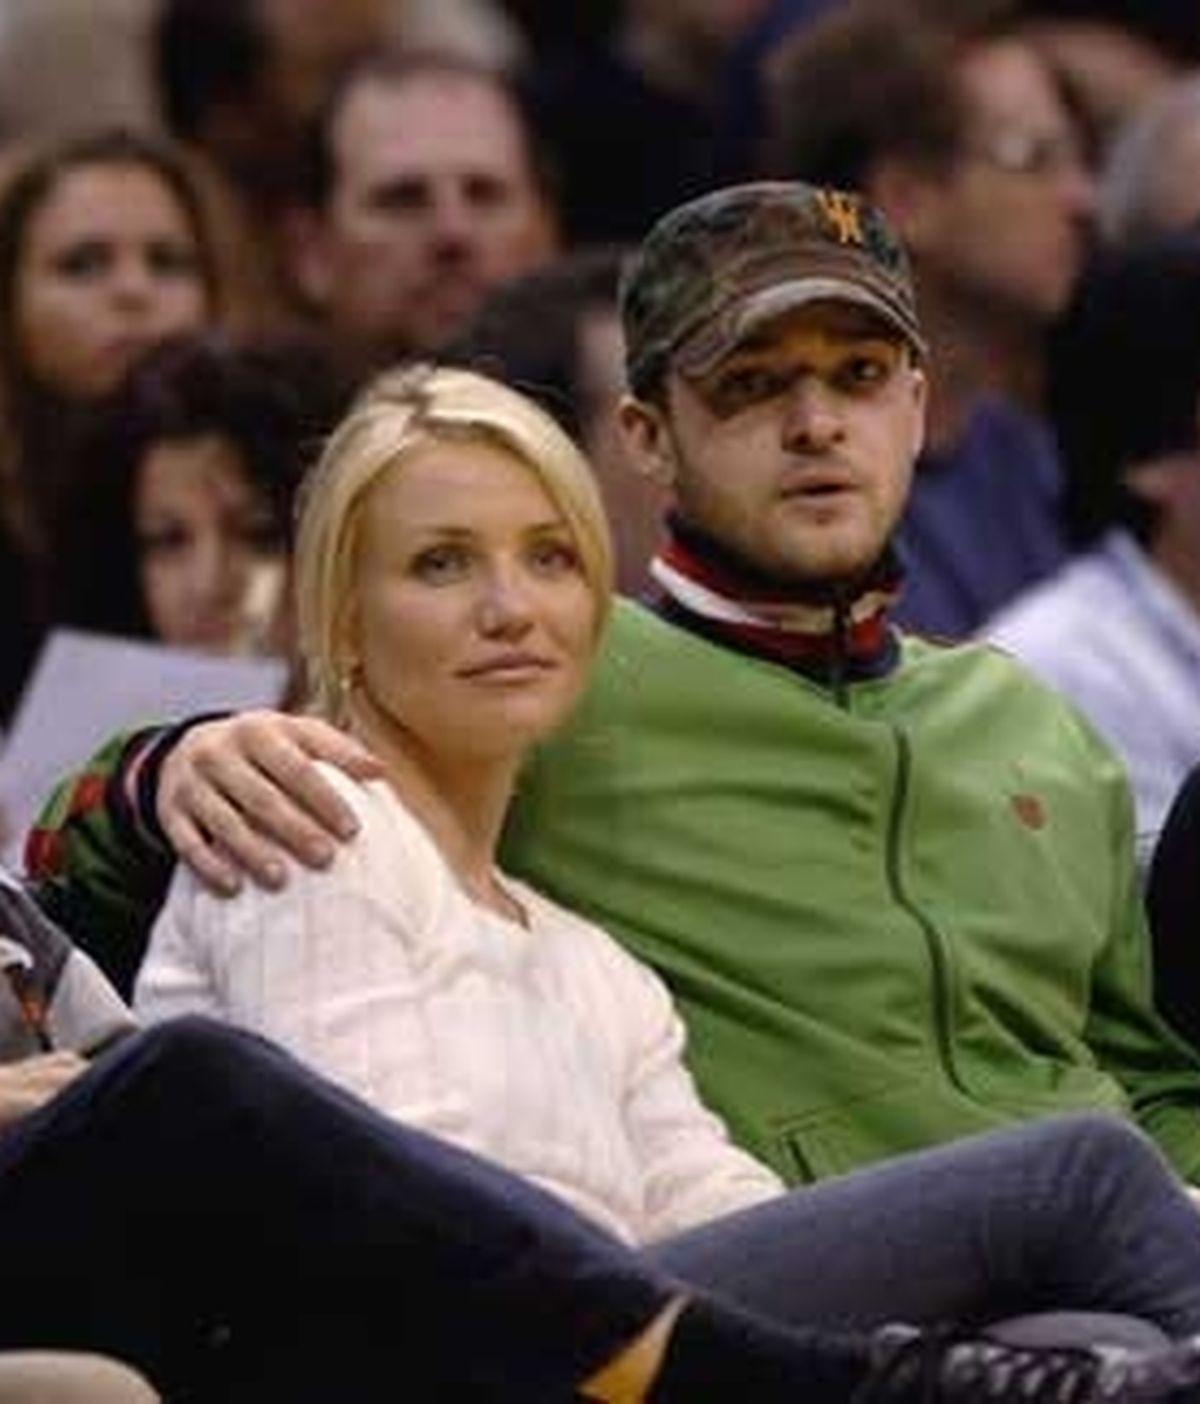 La pareja ya tuvo un romance durante los años 2003 y 2007. FOTO: EFE / Archivo